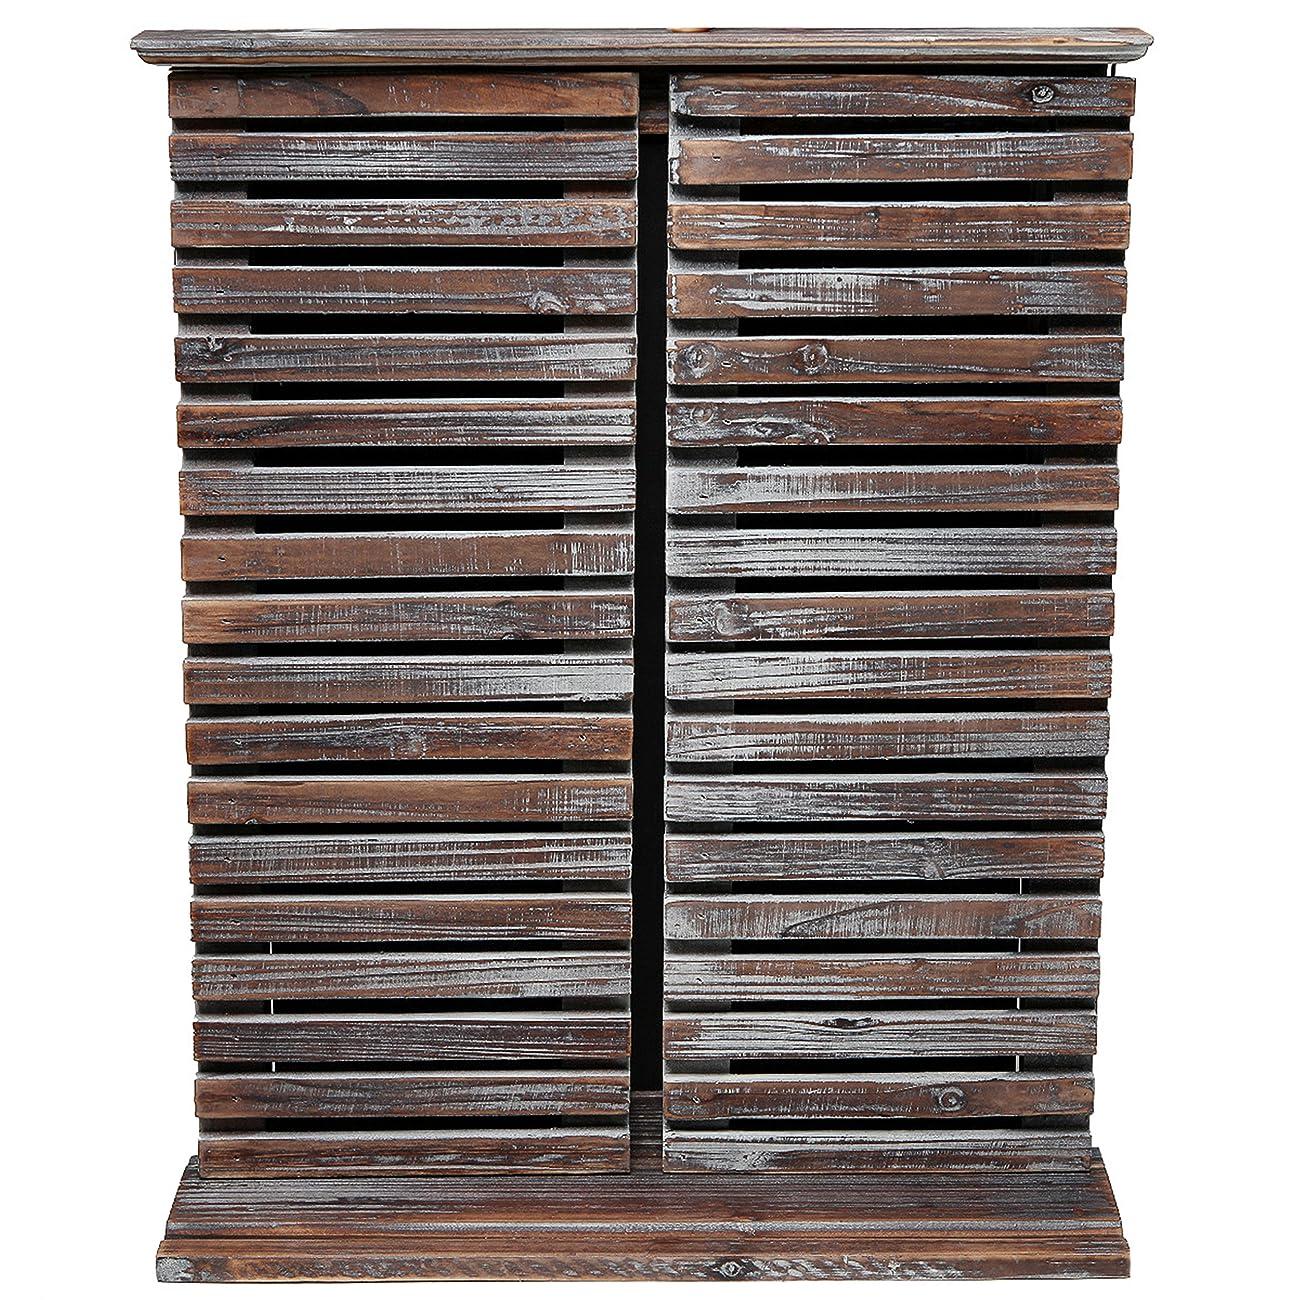 Rustic Vintage Wood Standing Chalkboard / Wall Mounted Blackboard w/ Folding Shutter Doors - MyGift® 2